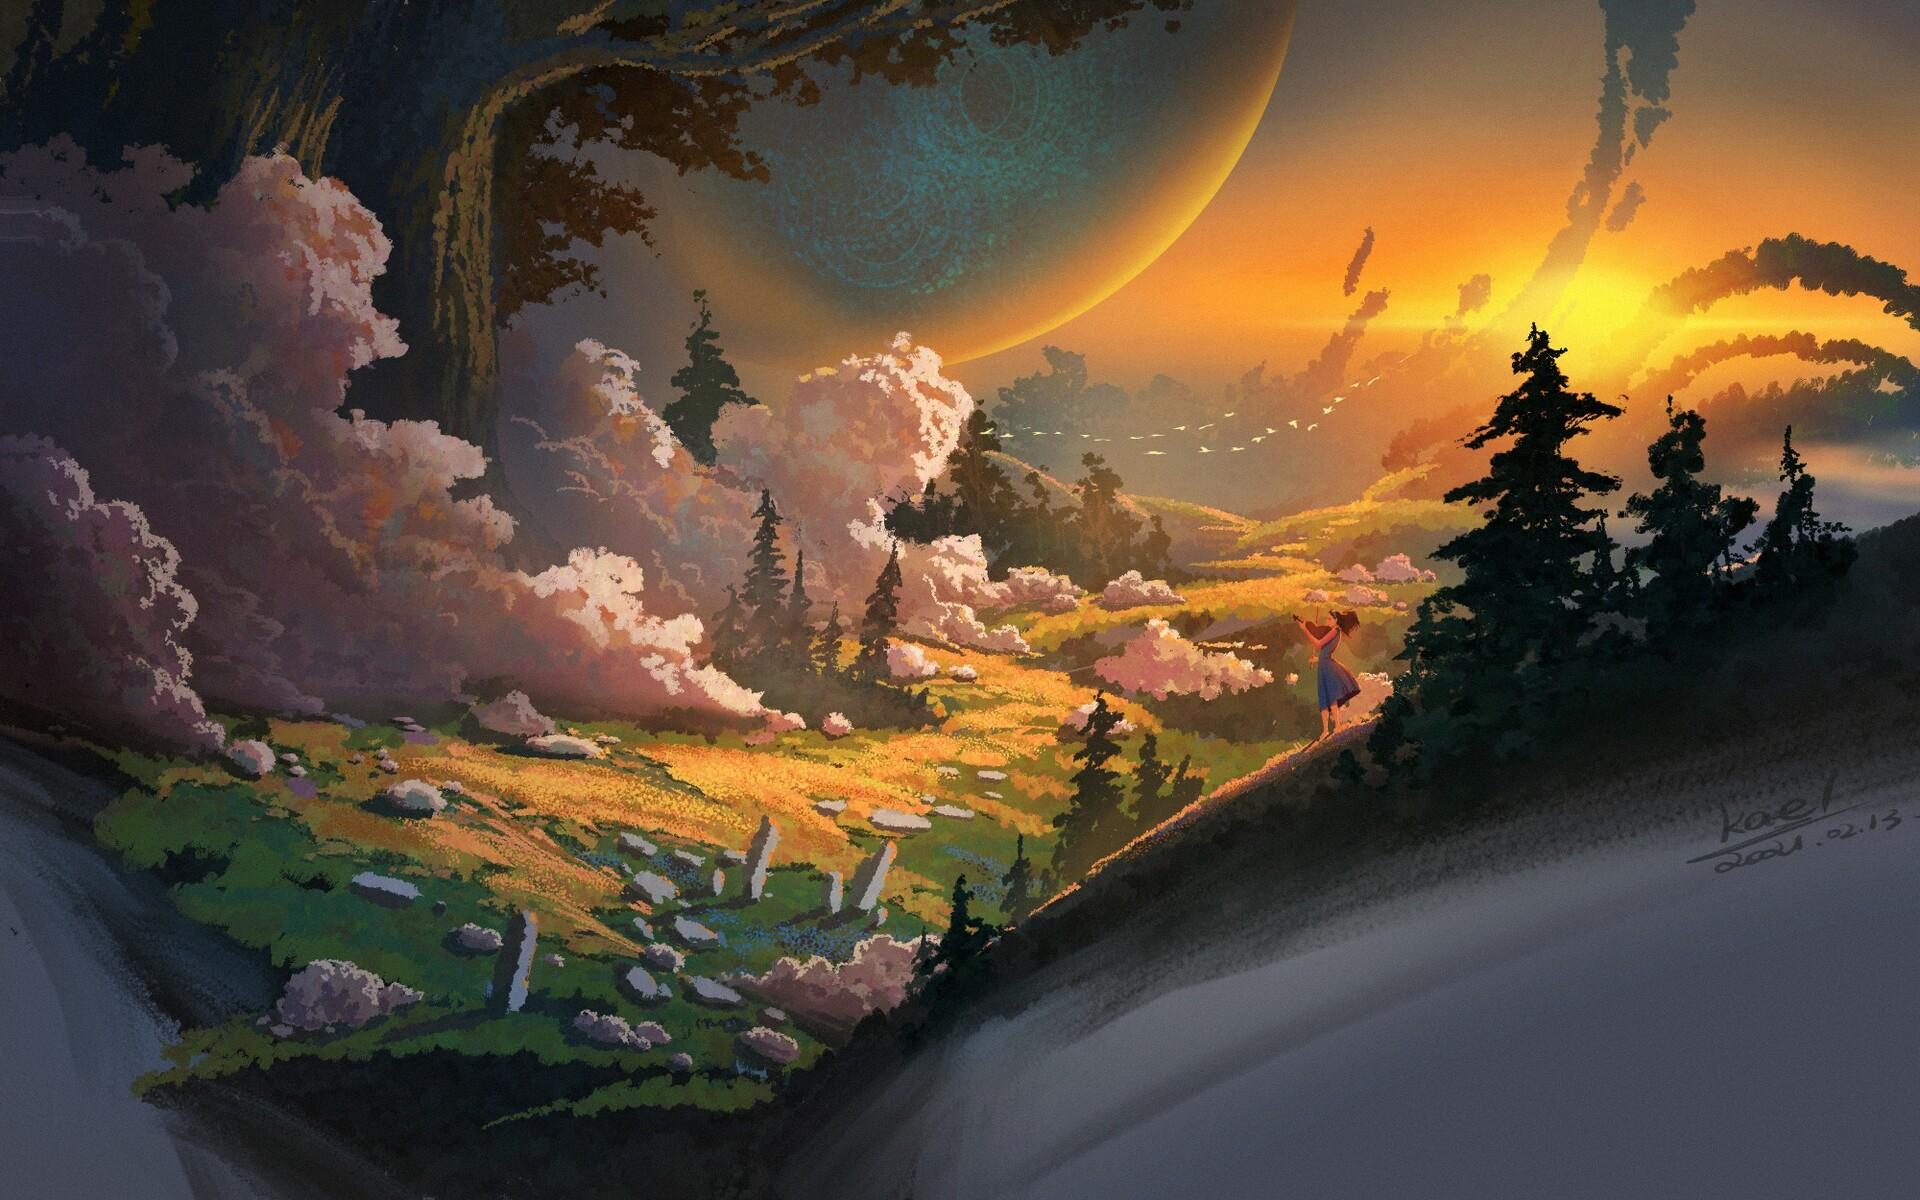 Digital Art Landscape Clouds Forest Violin Birds Kael 1920x1200